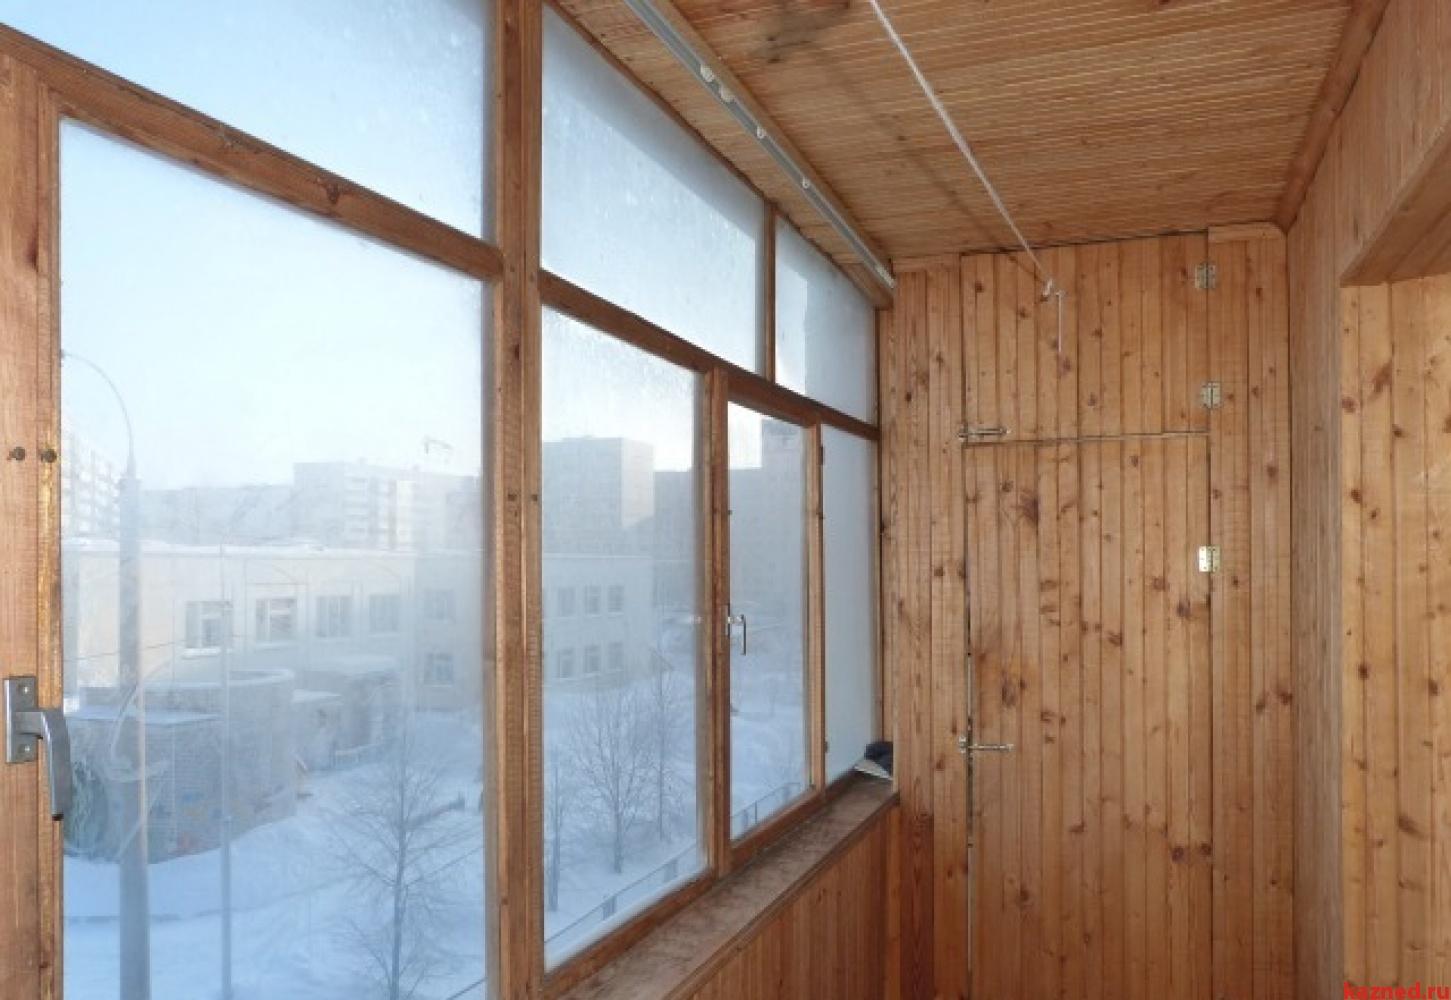 Продажа 1-к квартиры Чишмяле 9, 38 м²  (миниатюра №6)